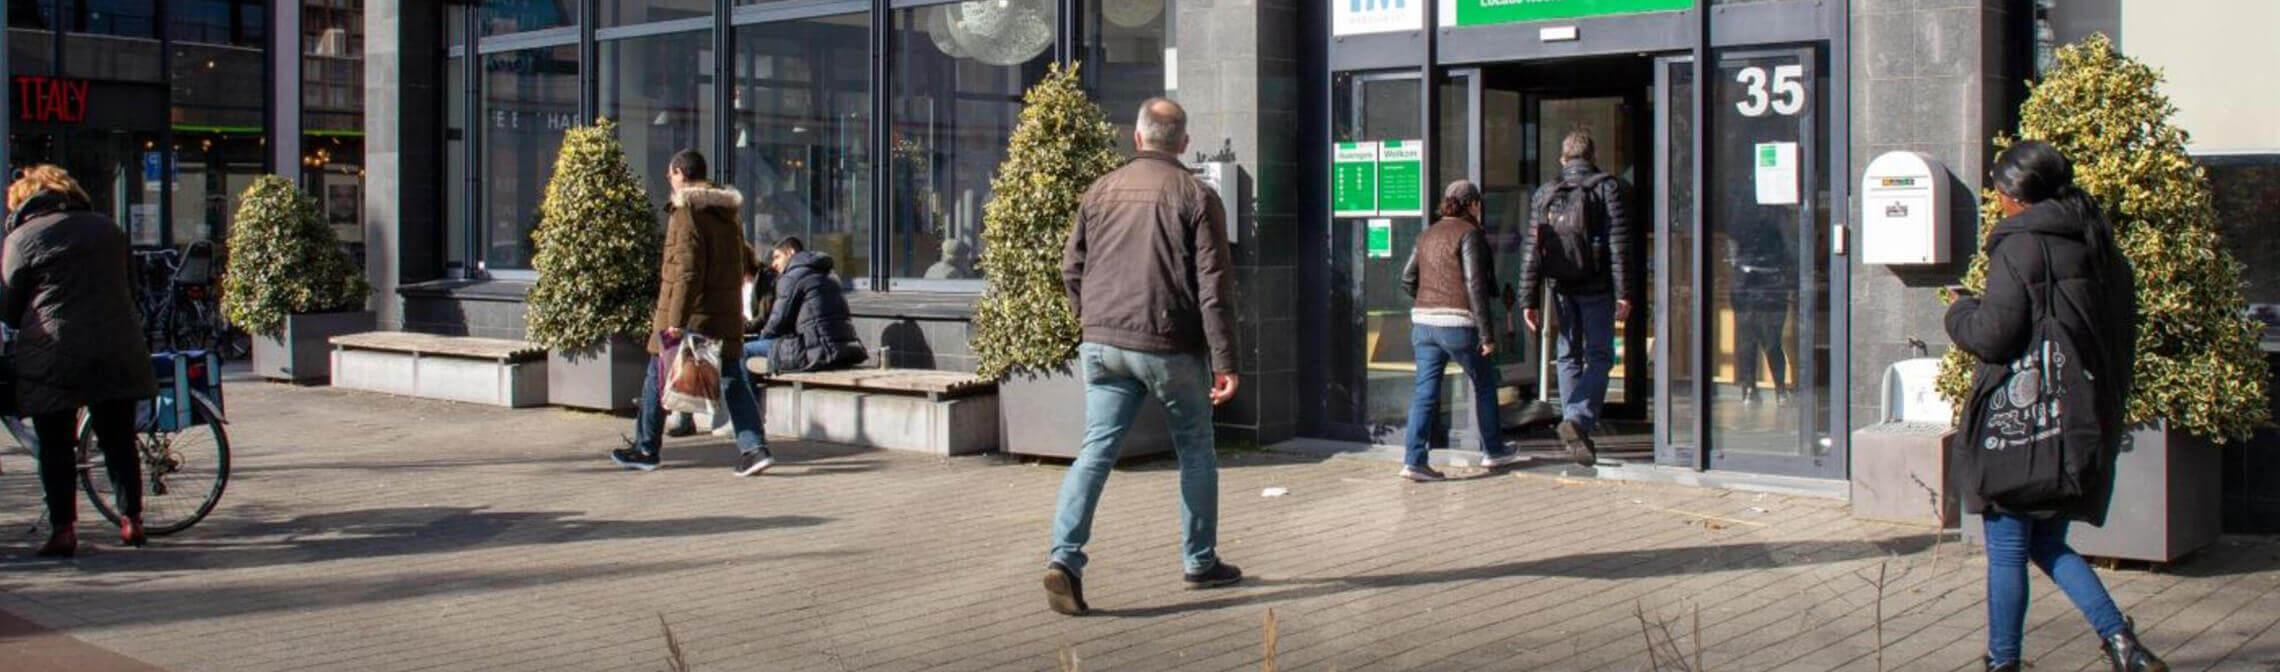 Gemeente Rotterdam Noord Header